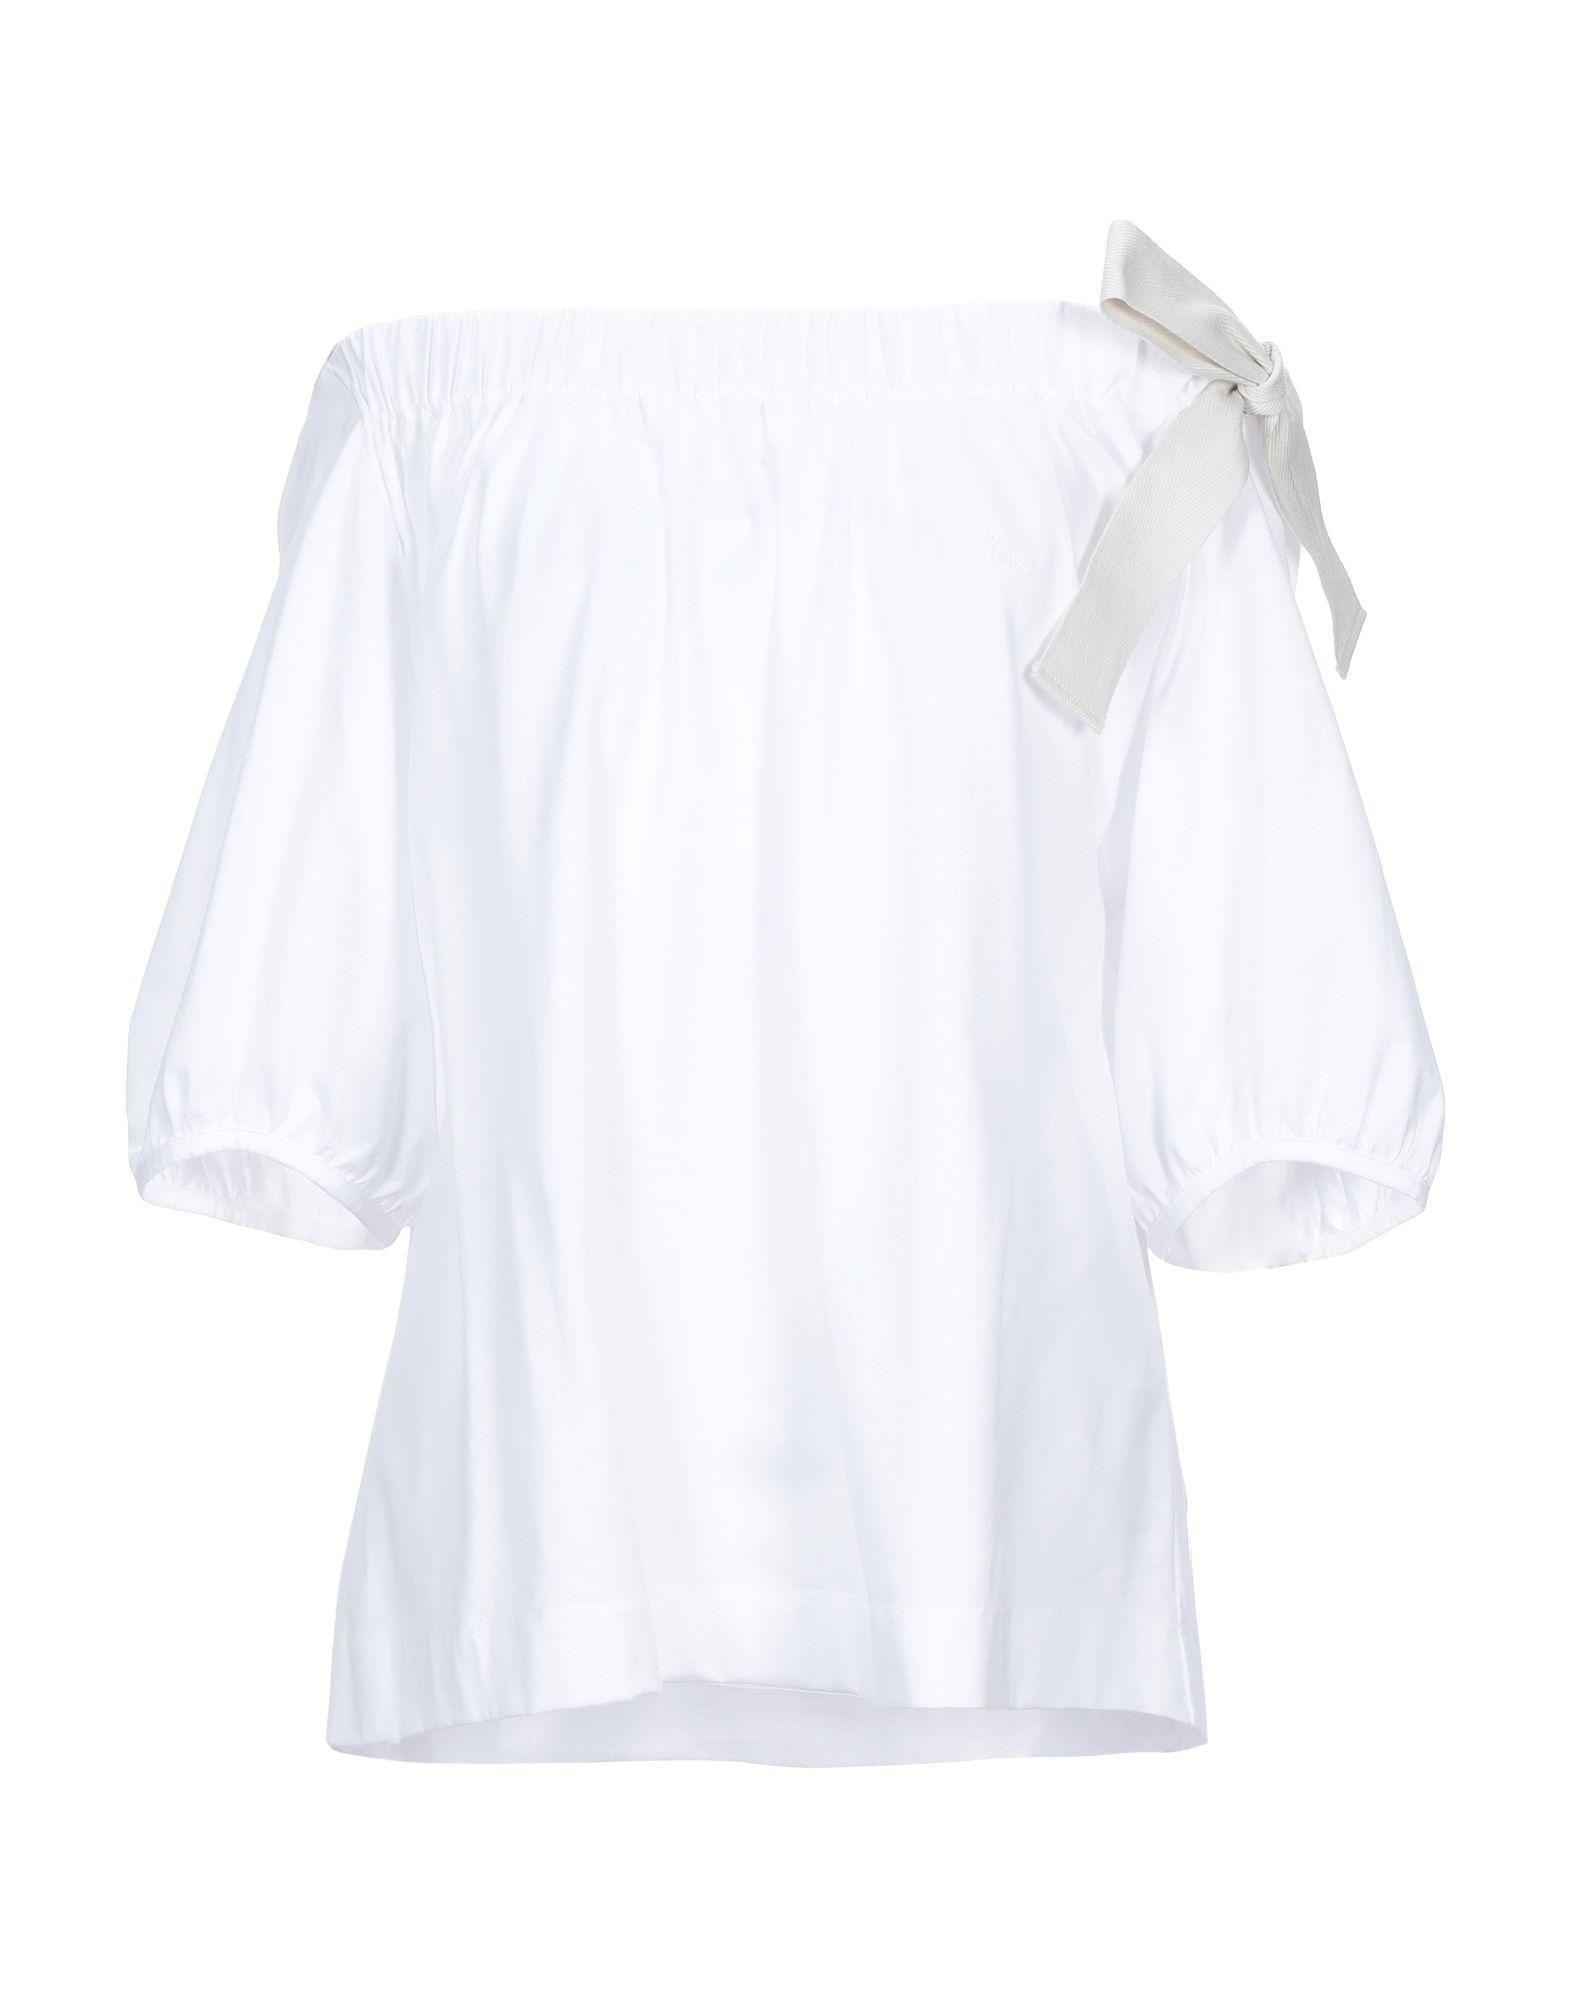 Фото - VIVIENNE WESTWOOD ANGLOMANIA Футболка vivienne westwood футболка